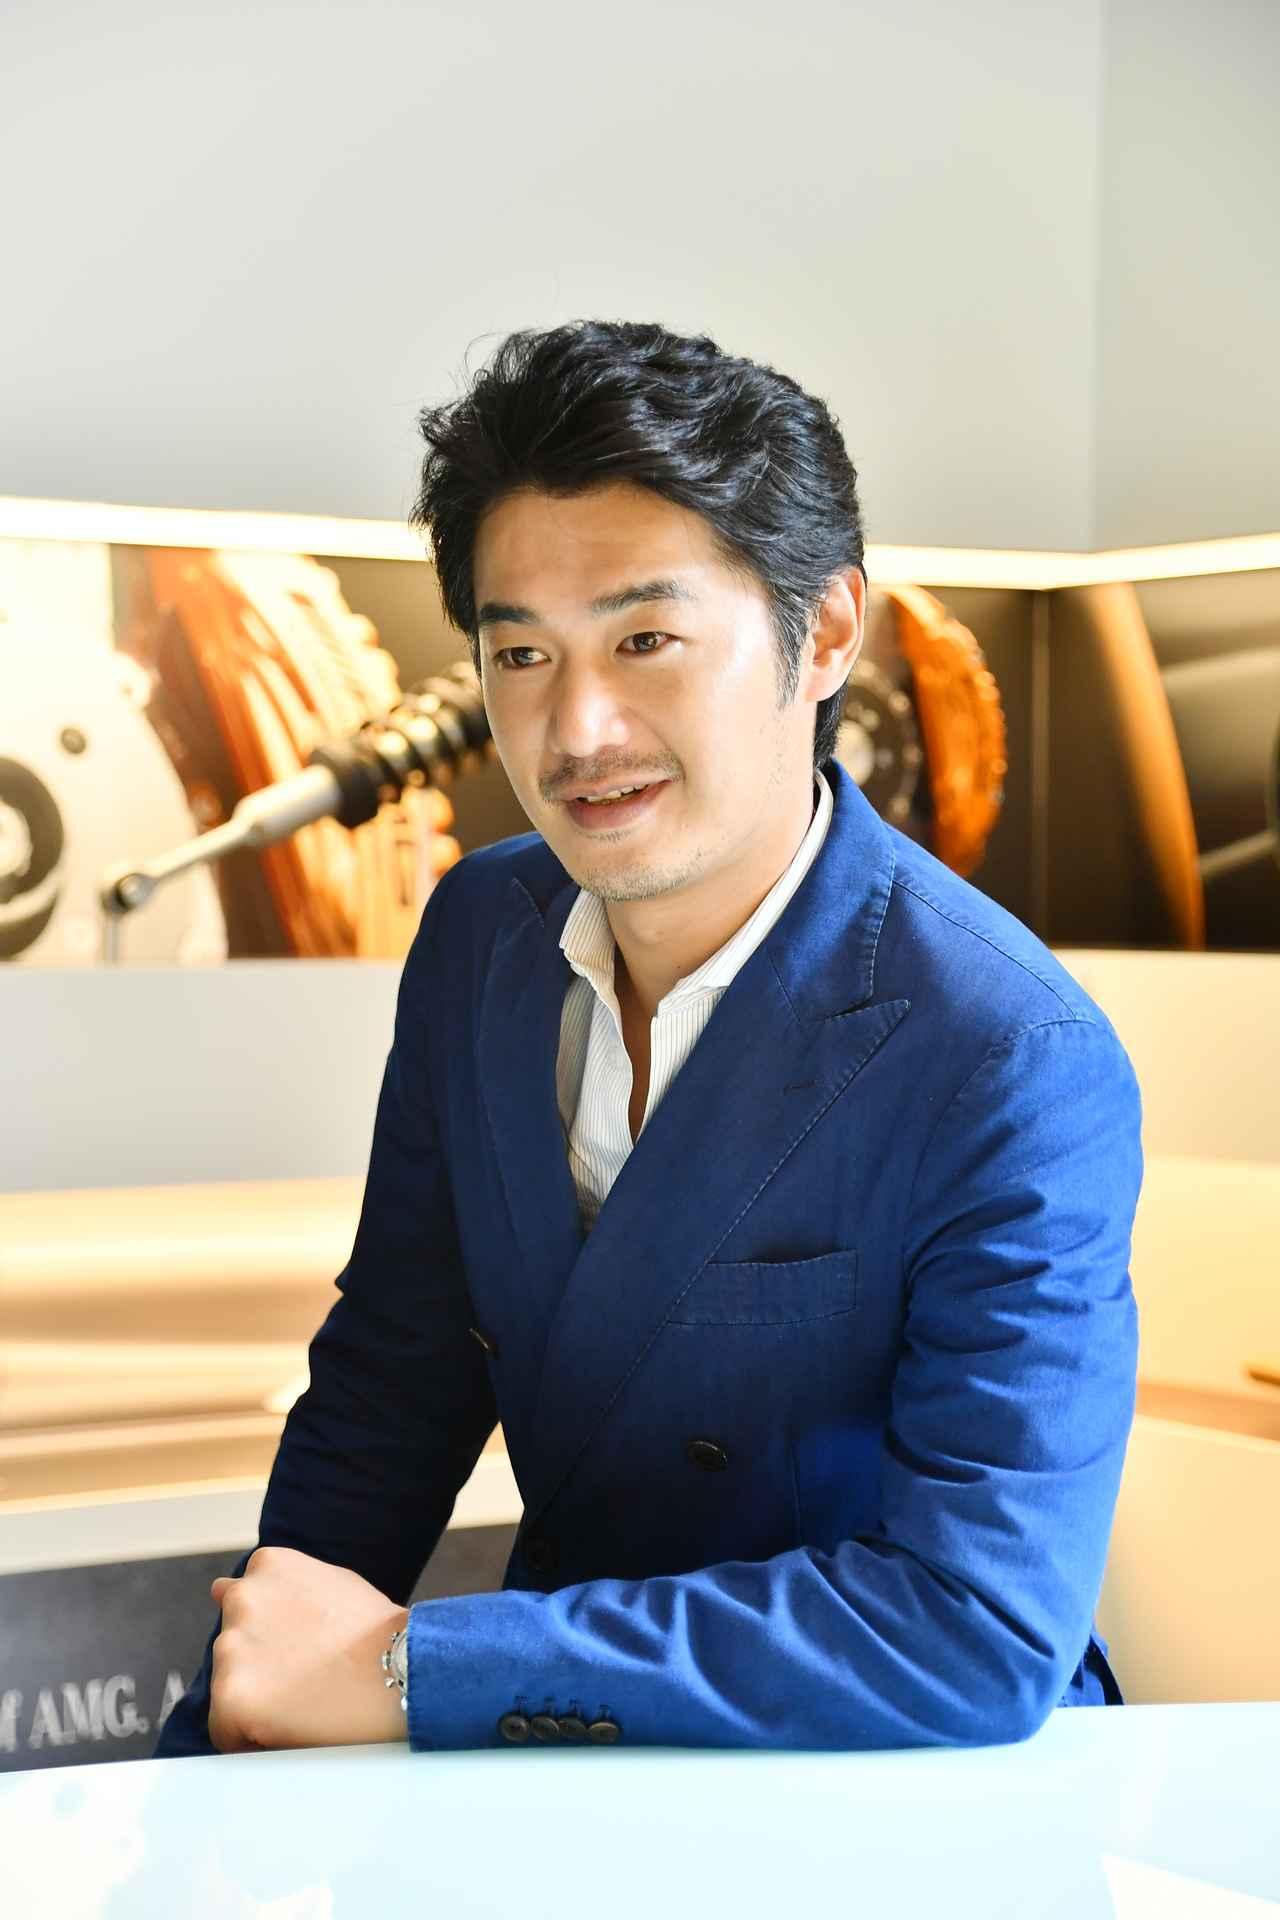 画像: 平山浩行(ひらやま ひろゆき)1977年10月17日生まれ。ドラマ、映画で幅広い役をこなす俳優として活躍中